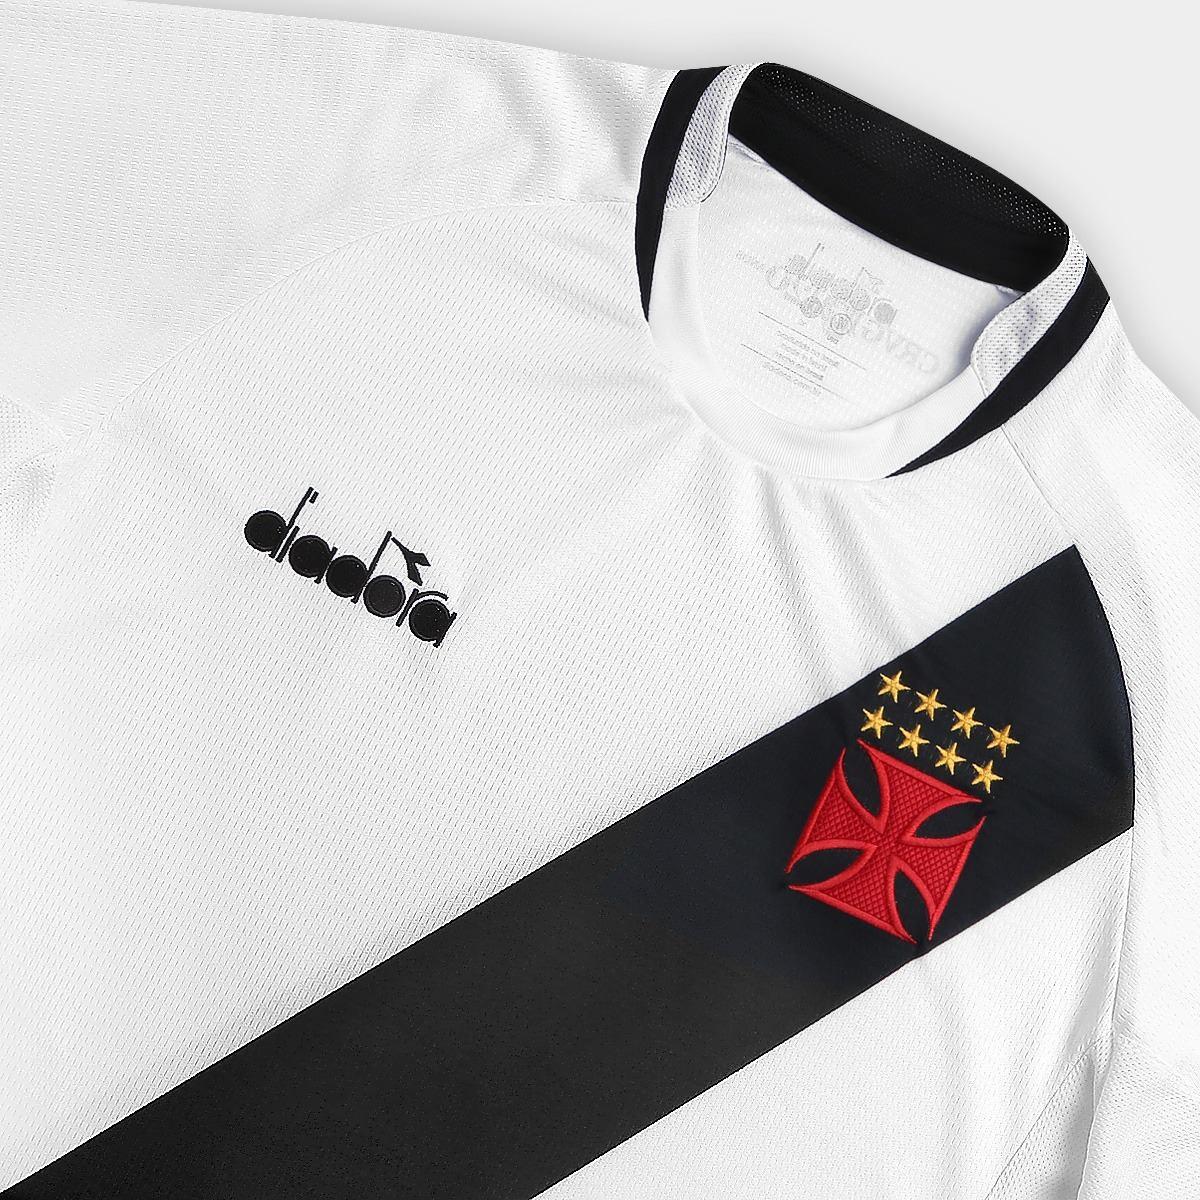 camisa vasco da gama diadora 2018 oficial torcedor masculina. Carregando  zoom. 9b6612b010a9c